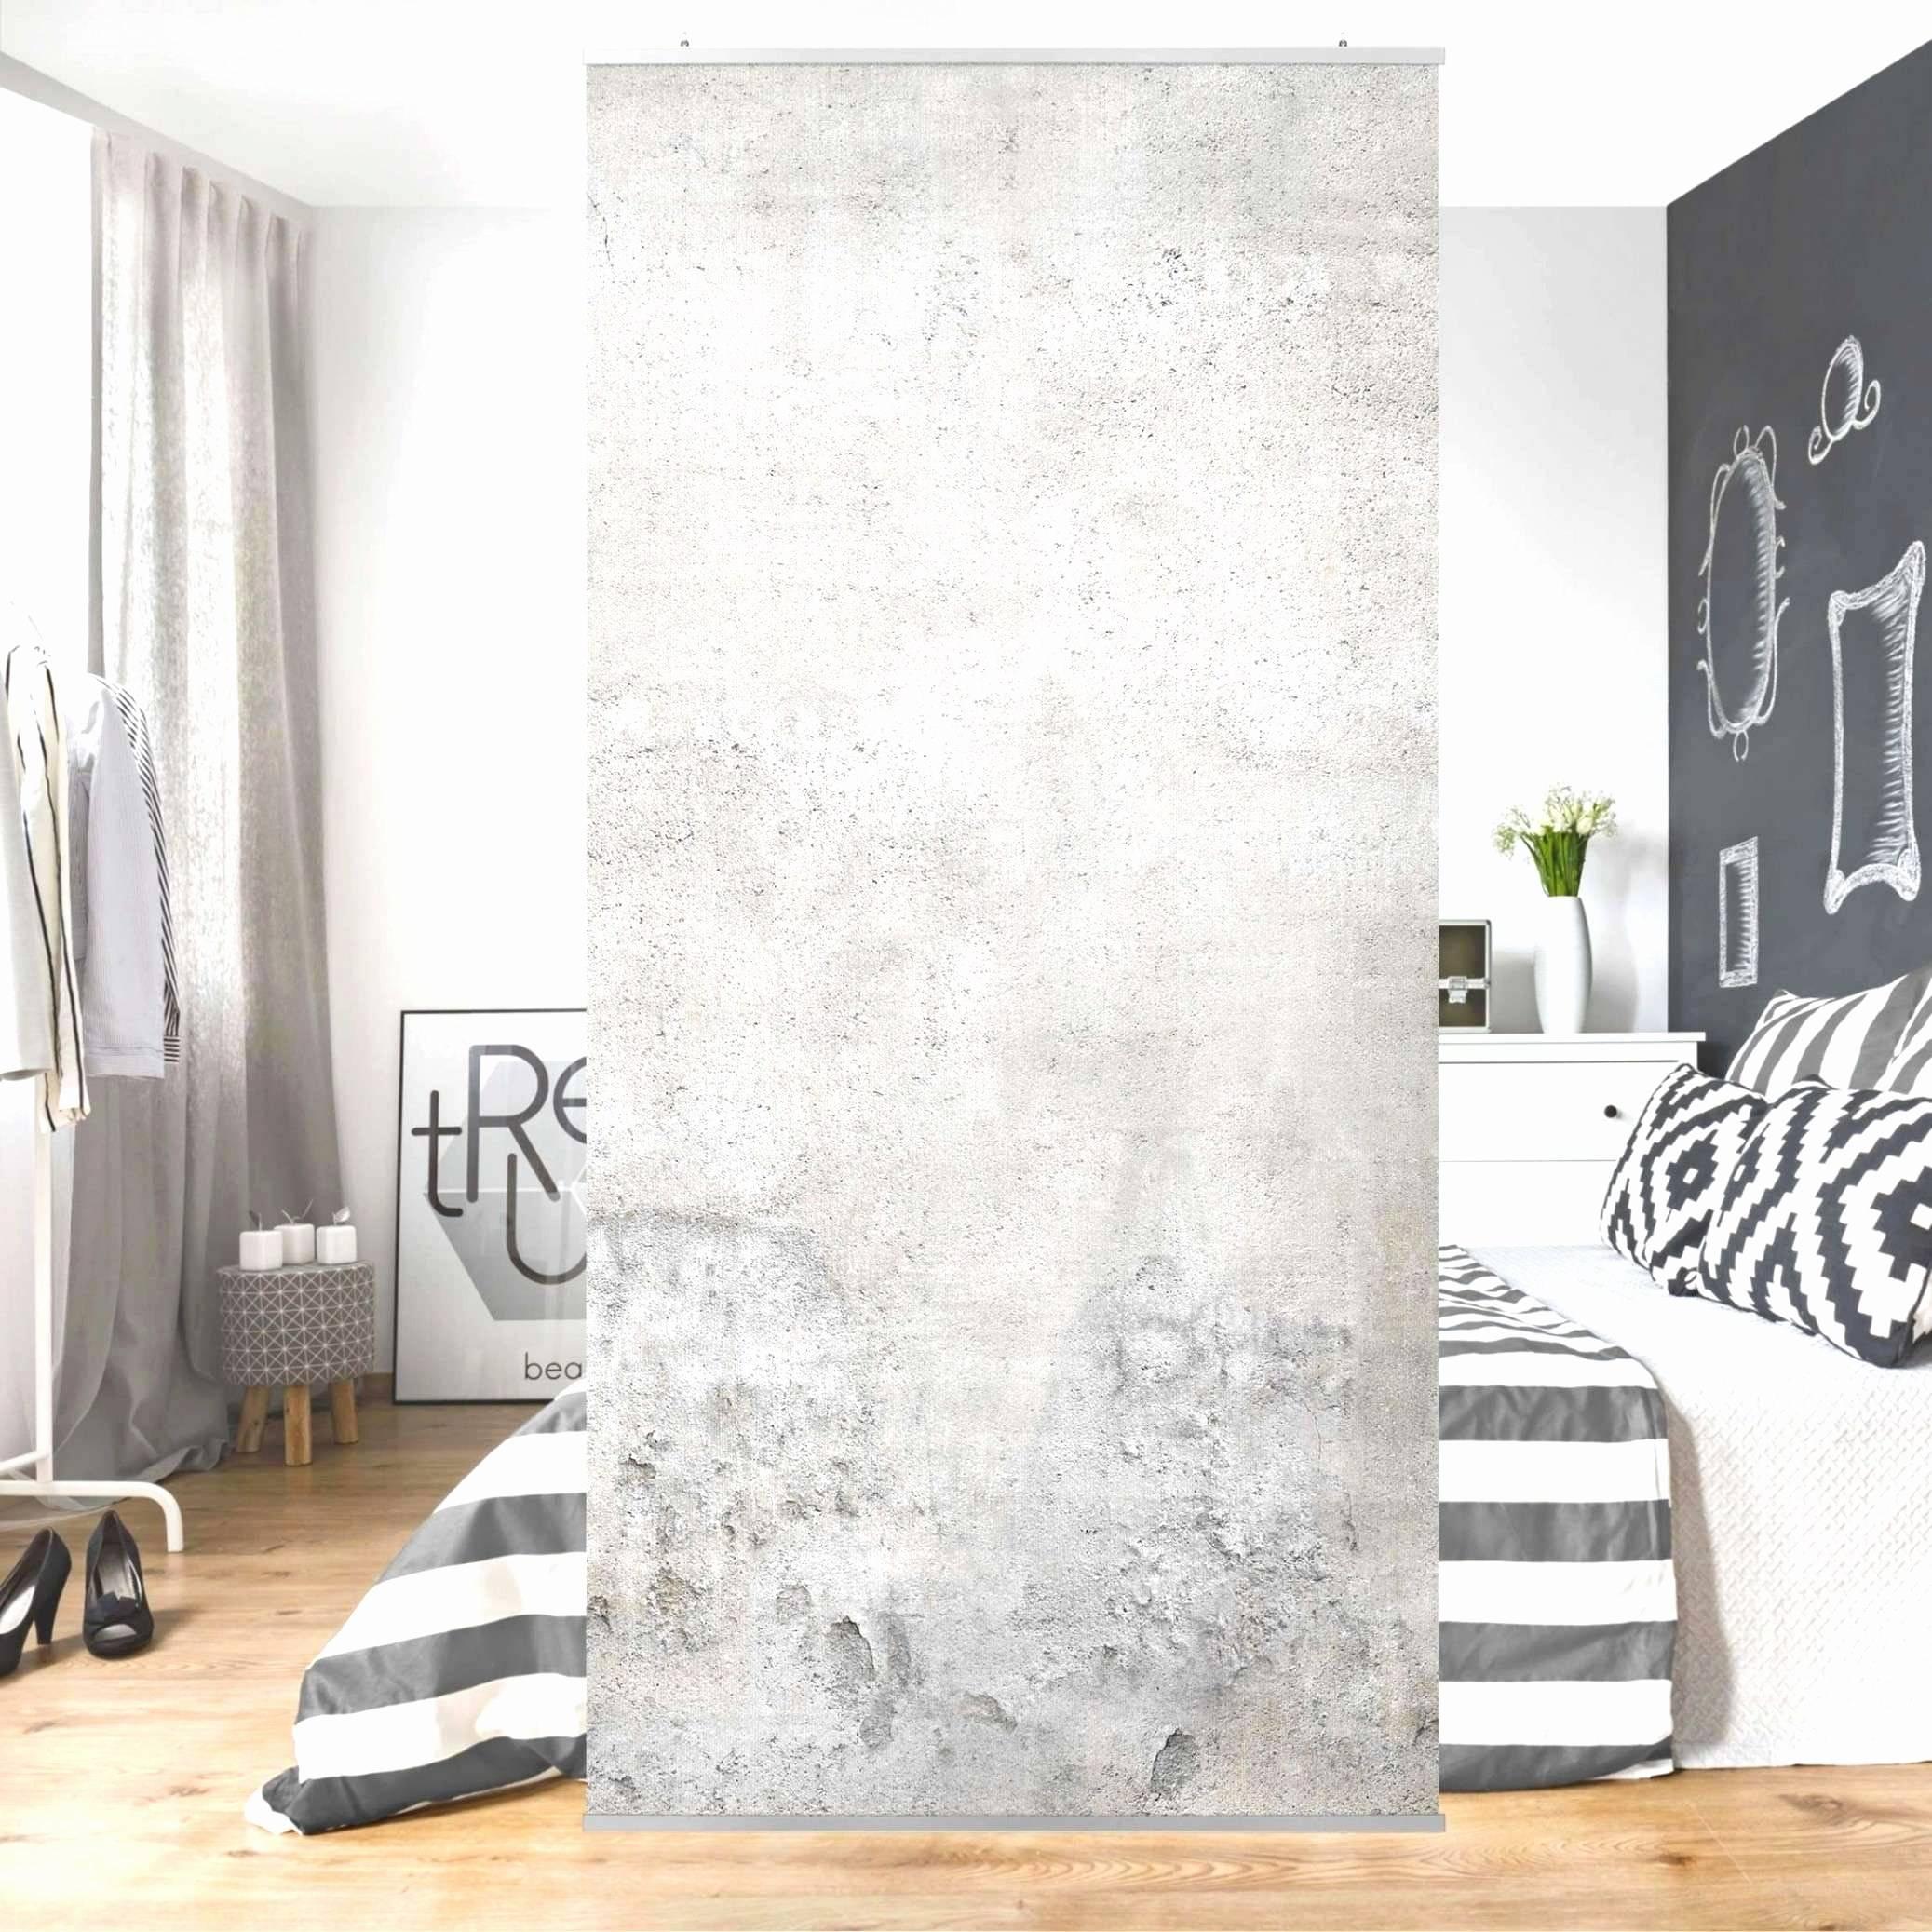 wohnzimmer mit offener kuche ideen best of haus inneneinrichtung ideen of wohnzimmer mit offener kuche ideen